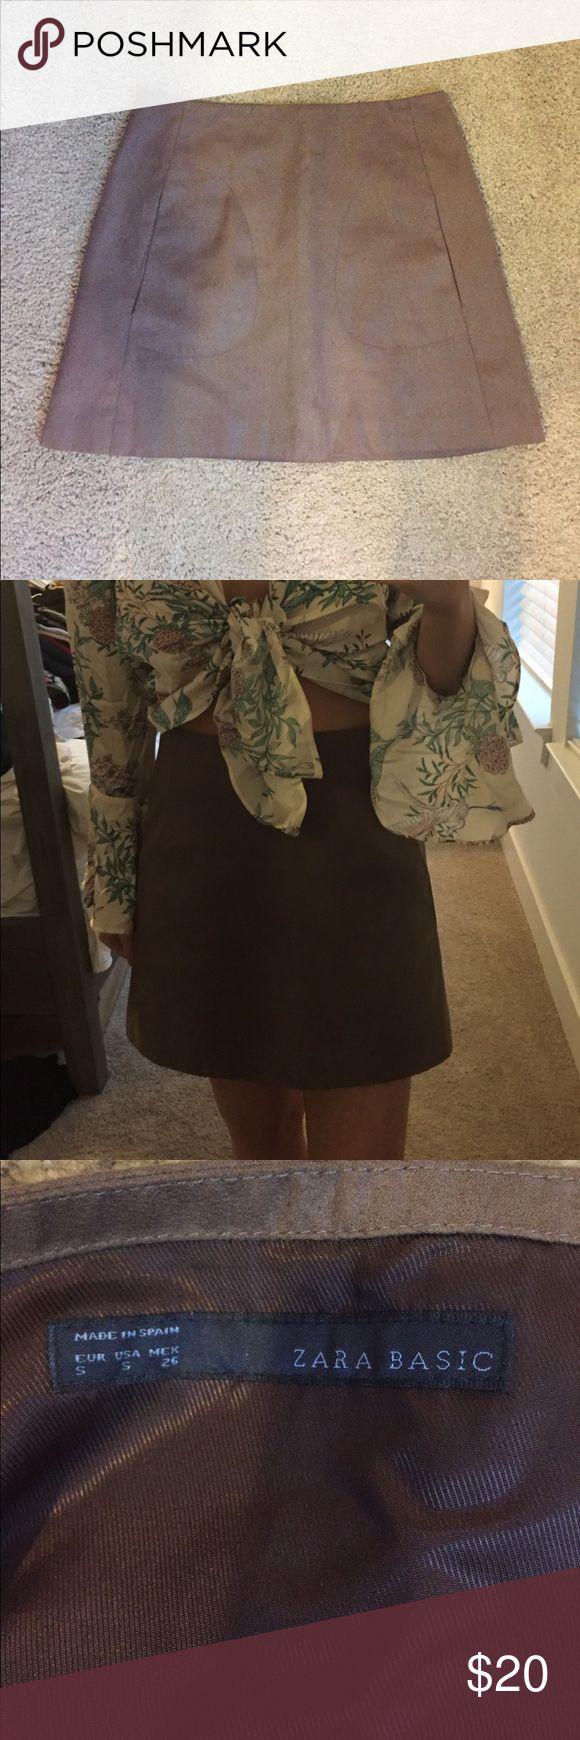 Faux Suede Zara Skirt Size S Faux Suede Zara Skirt Size S - True to size will fit a size 4 size Small Zara Skirts Mini